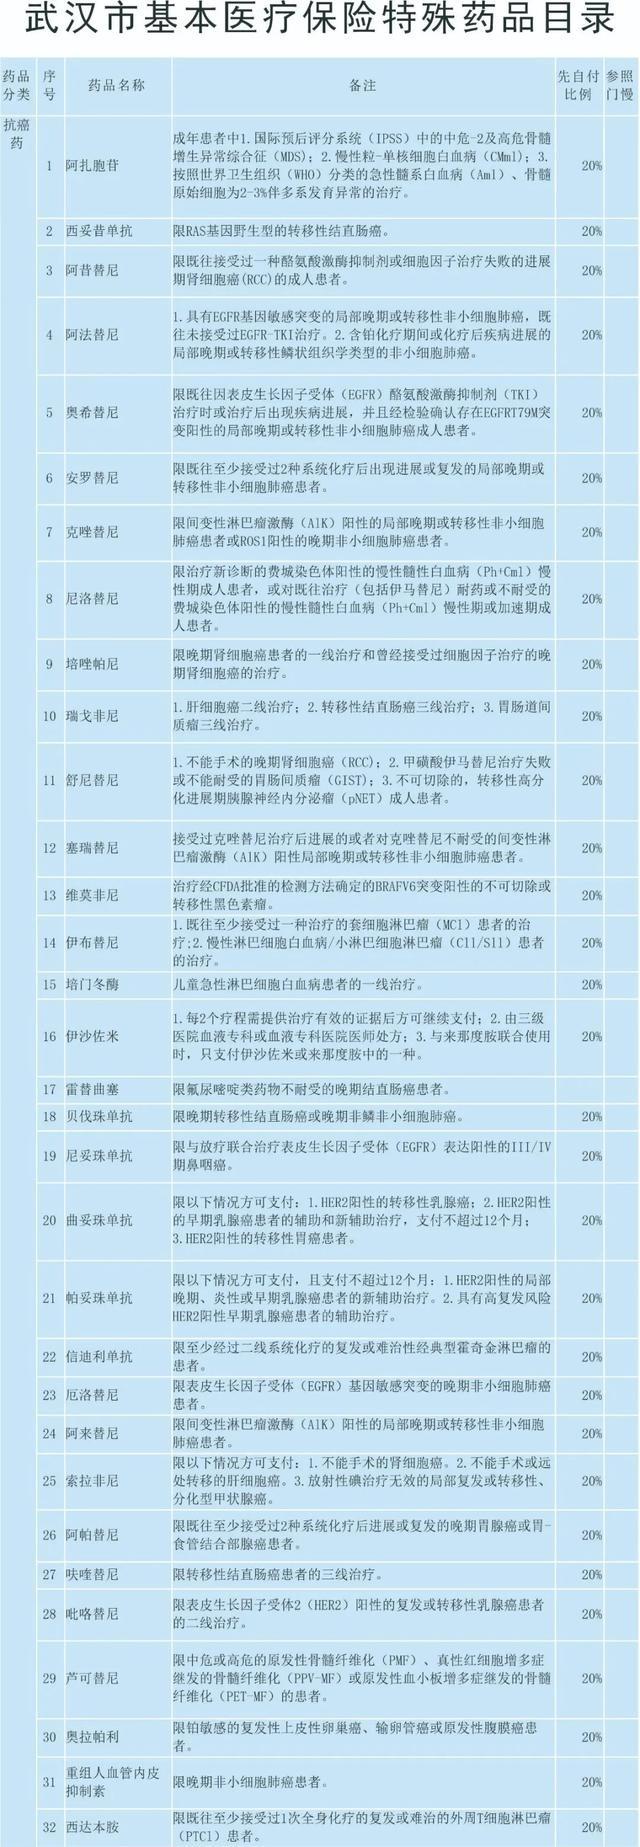 民生|好消息!武汉55种医保特殊药品今起可直接刷卡报销